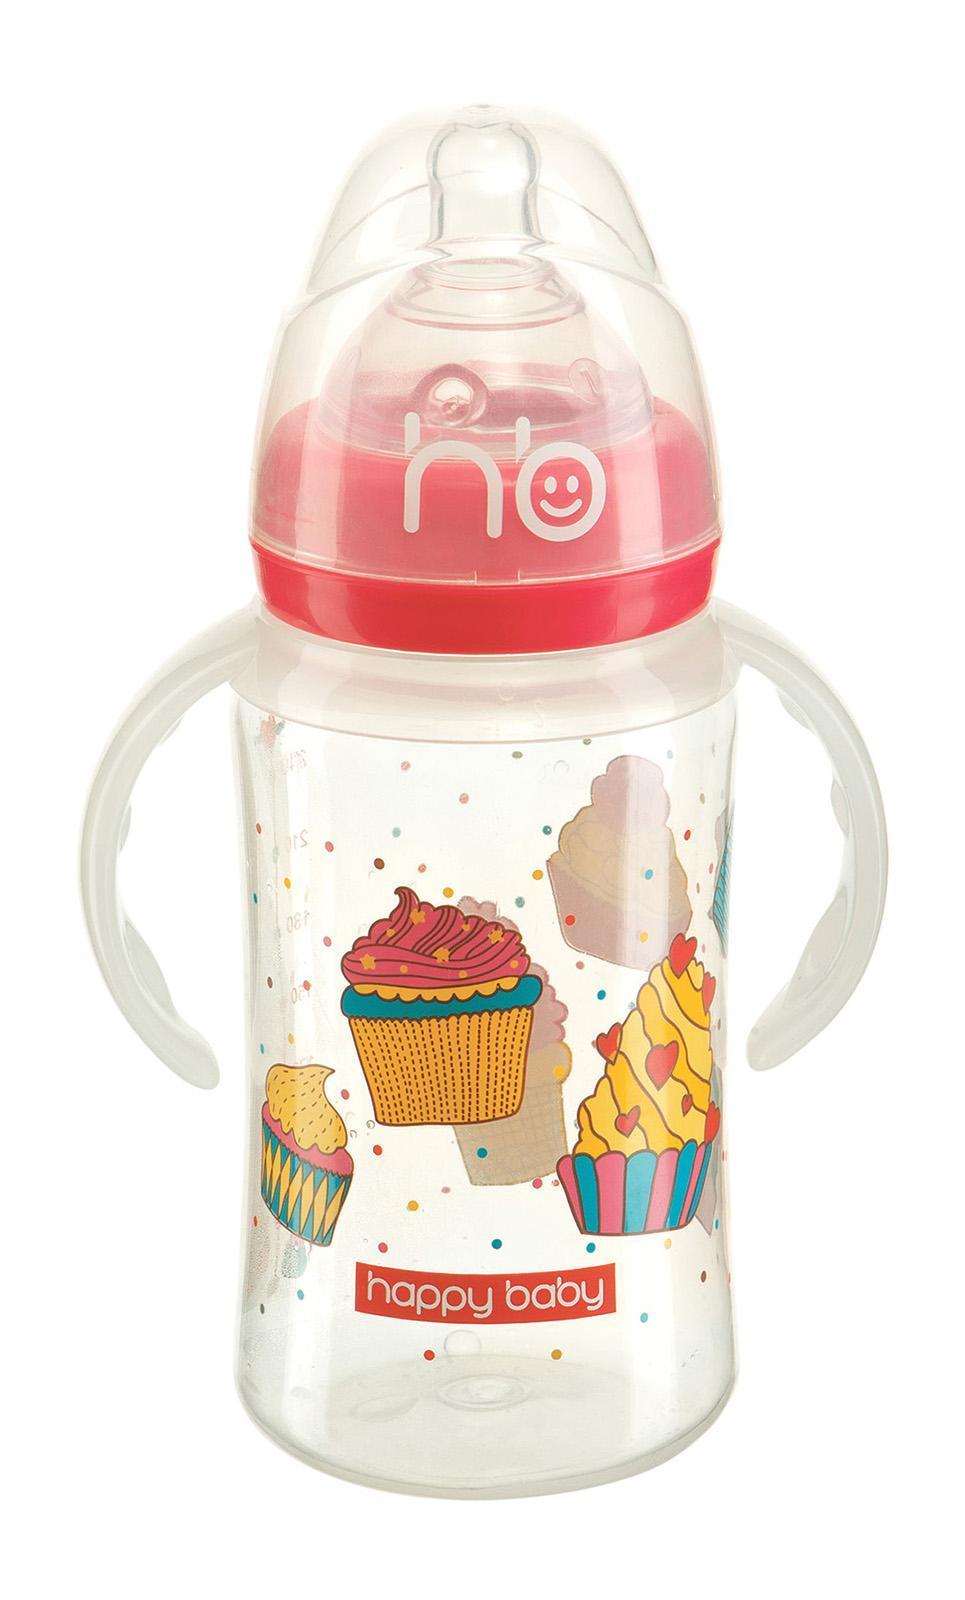 10010 New Red Бутылочка для кормления с ручками MILKY STORIES 240 мл, Red10010 New RedБутылочка с широким горлом. Вместе с бутылочкой в комплекте идут две соски, ершик и гирька-трубочка. Гирька-трубочка делает питье жидкости удобнее для ребенка. Трубочка, утяжеленная снизу, обеспечивает устойчивый поток даже при небольшом количестве жидкости в бутылке. Также сокращается угол наклона бутылки при кормлении. Трубочка предотвращает заглатывание ребенком лишнего количества воздуха, который может послужить причиной колик, газов, срыгивания, плохого настроения ребенка. Эргономичные ручки легко снимаются. С помощью ершика легко очистить бутылку в труднодоступных местах. Красочные рисунки порадуют вашего малыша. Шкала с делениями в 30 мл.